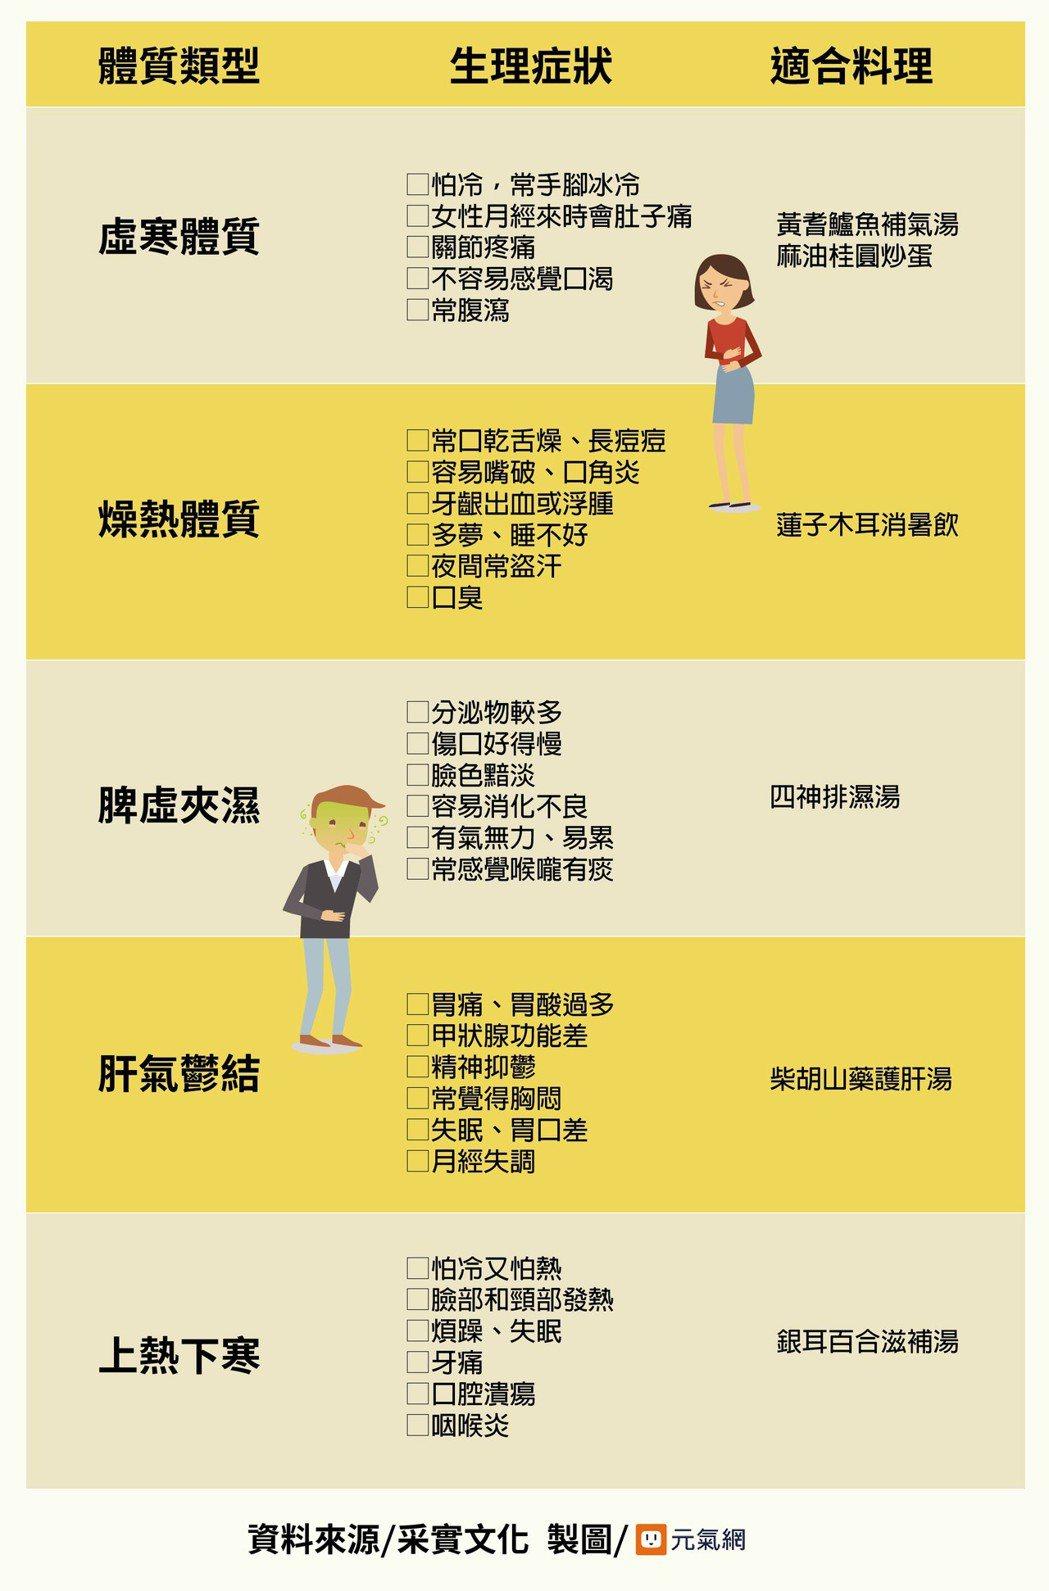 資料來源/采實文化 製圖/黃琬淑